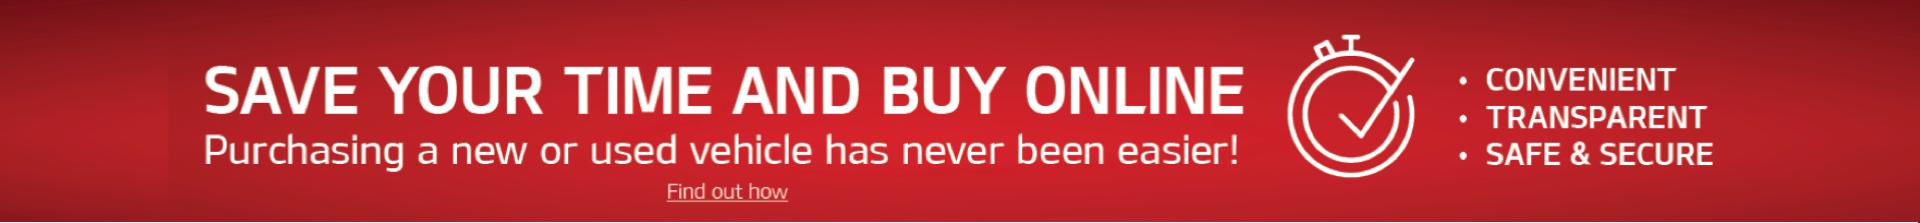 Buy Online Banner